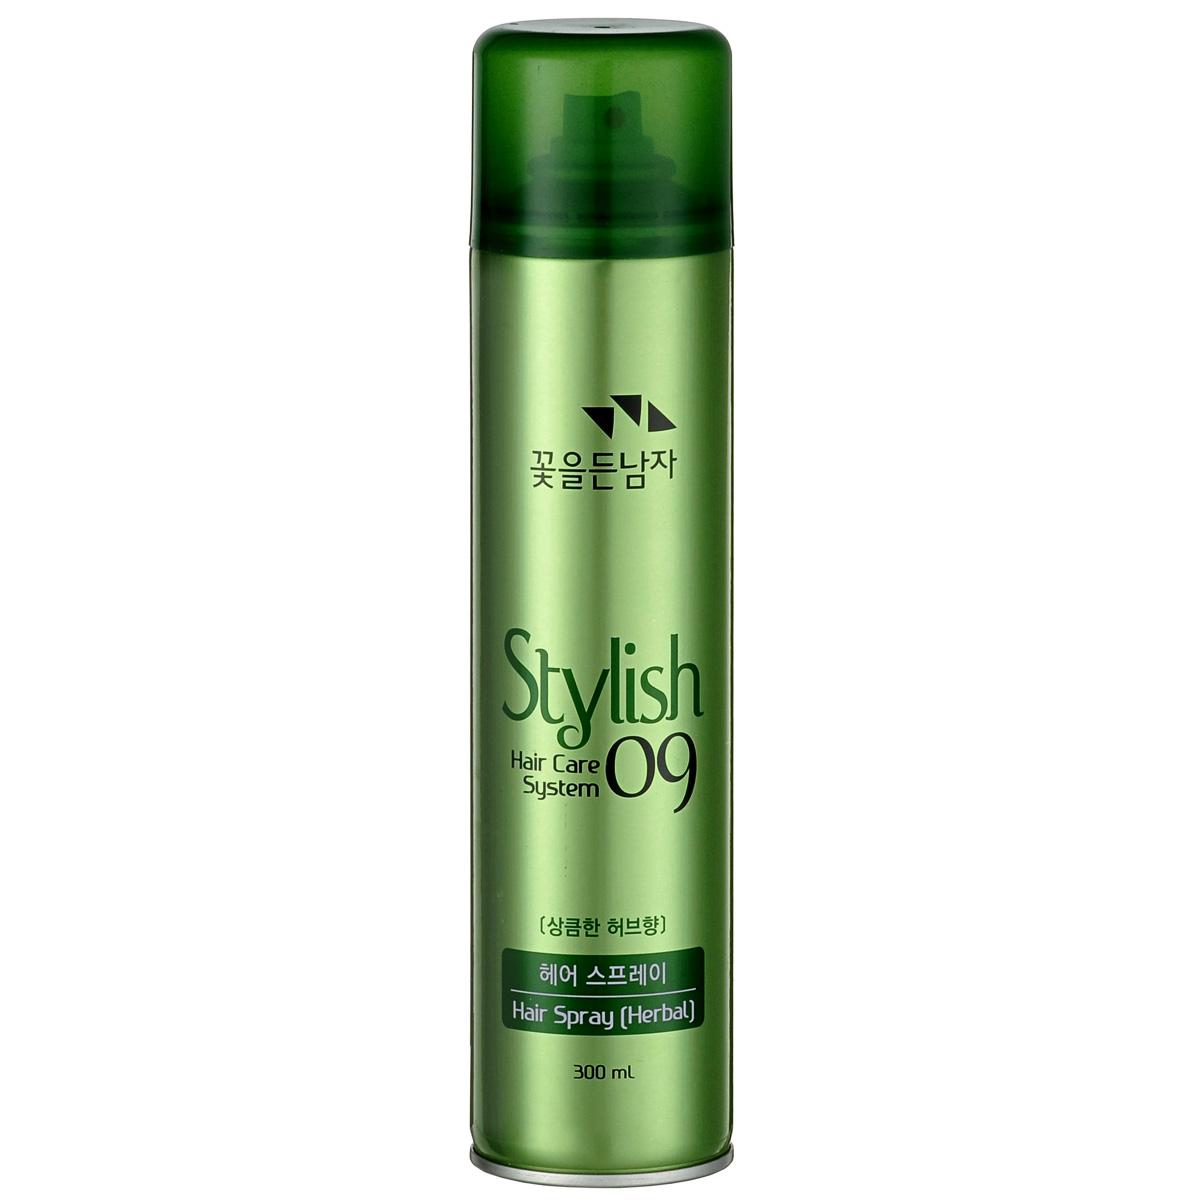 Somang Hair Care Лак для укладки волос-травы, 300 мл1106450821Длительная укладка без ощущения липкости при прикосновении. Защищает волосы от ультрафиолетового излучения. Содержит керамид, гидролизованный кератин и экстракты, полученные из цветков и листьев 7 видов растений.